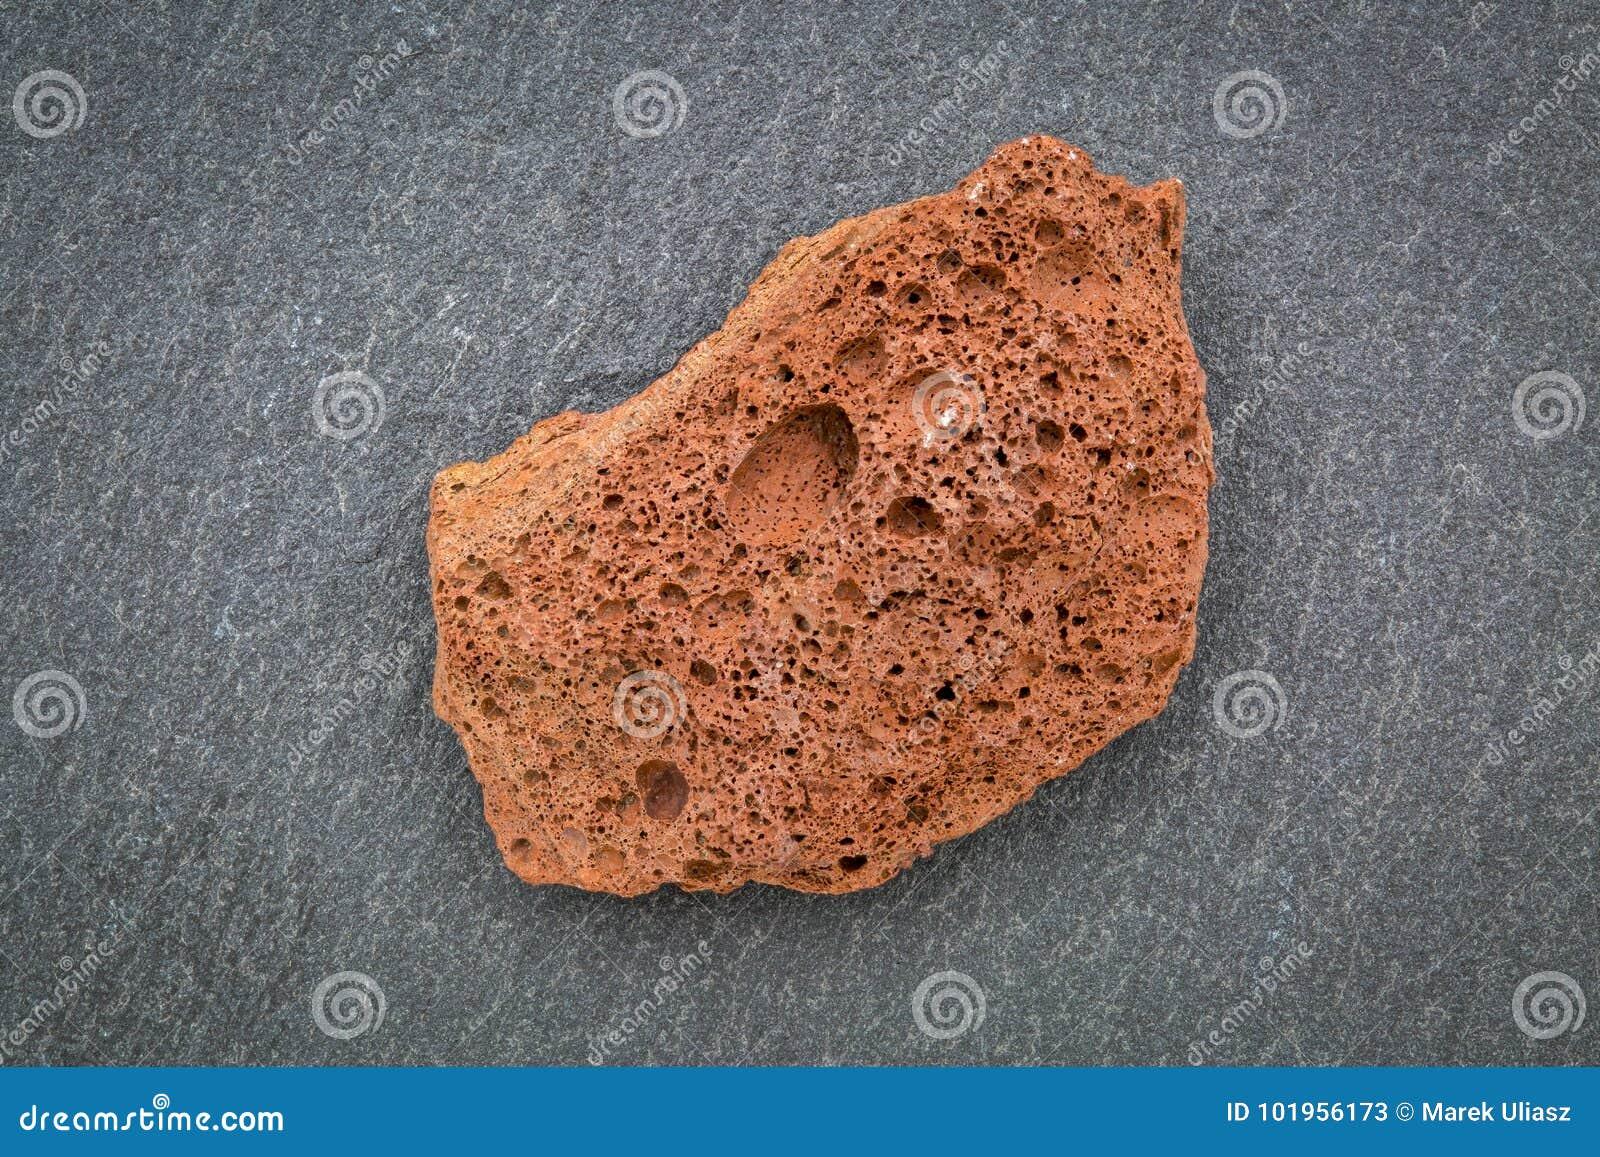 Scoria Igneous Rock Sample Stock Image Image Of Volcano 101956173